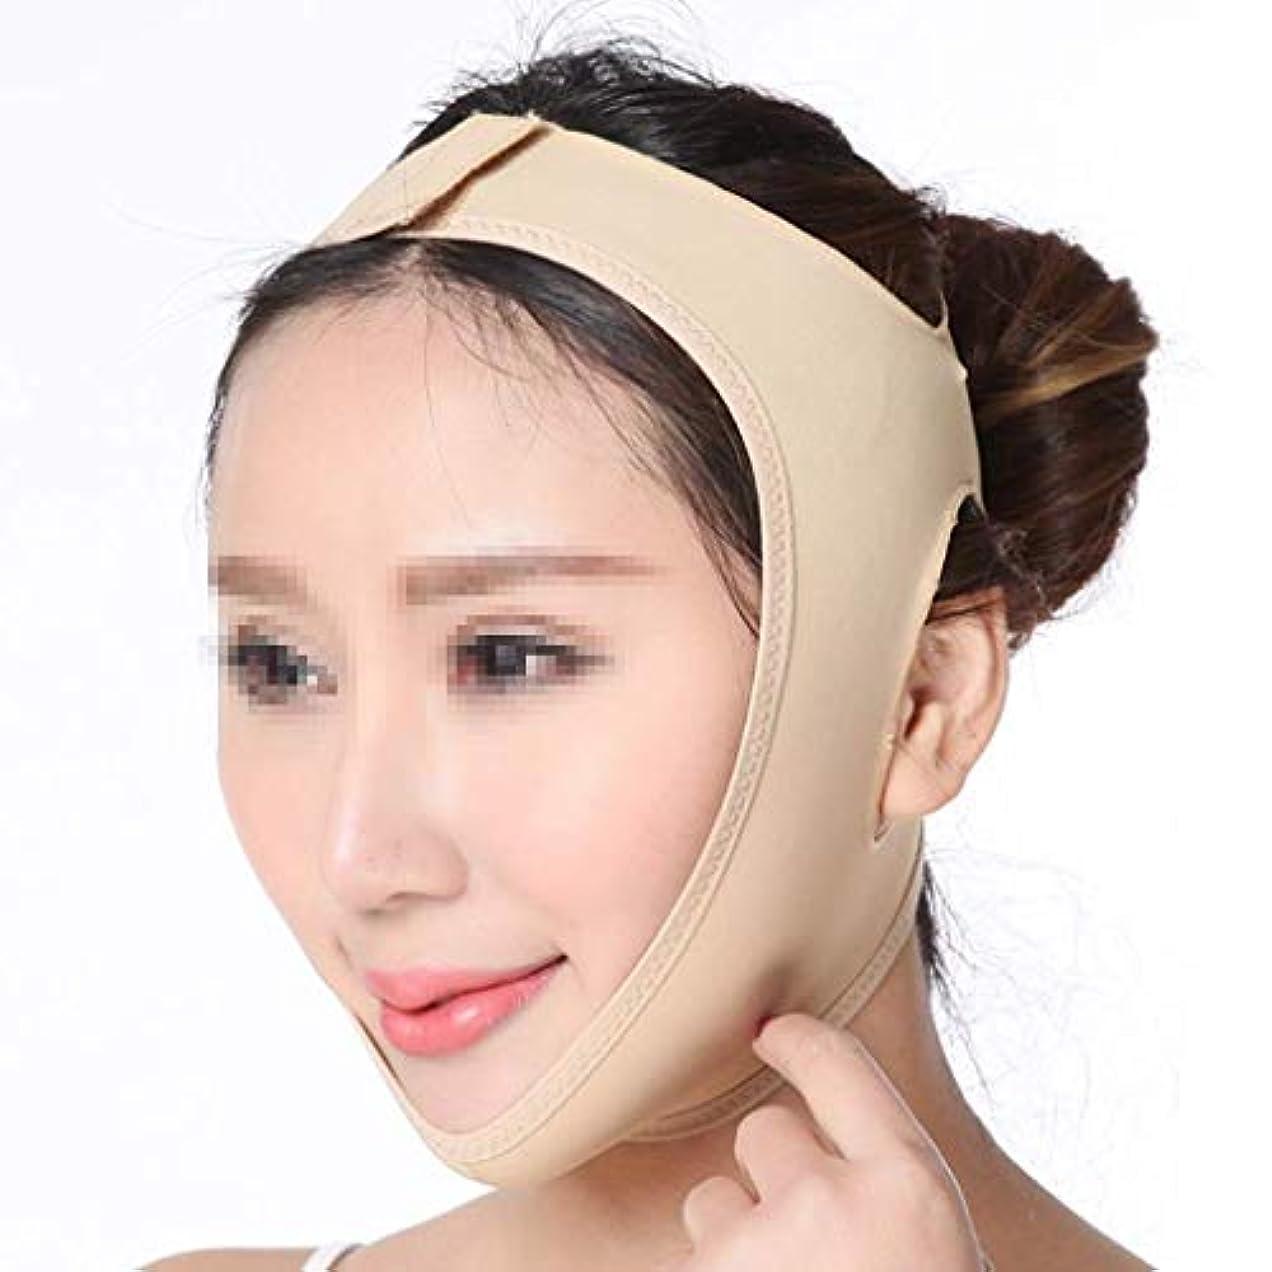 語契約したキャリッジビューティーマスク、回復後のラインカービングダブルチンフェイスリフトアーティファクトフェイススモールVフェイスインストゥルメントバンデージリフティングケアヘッドギア(サイズ:S)